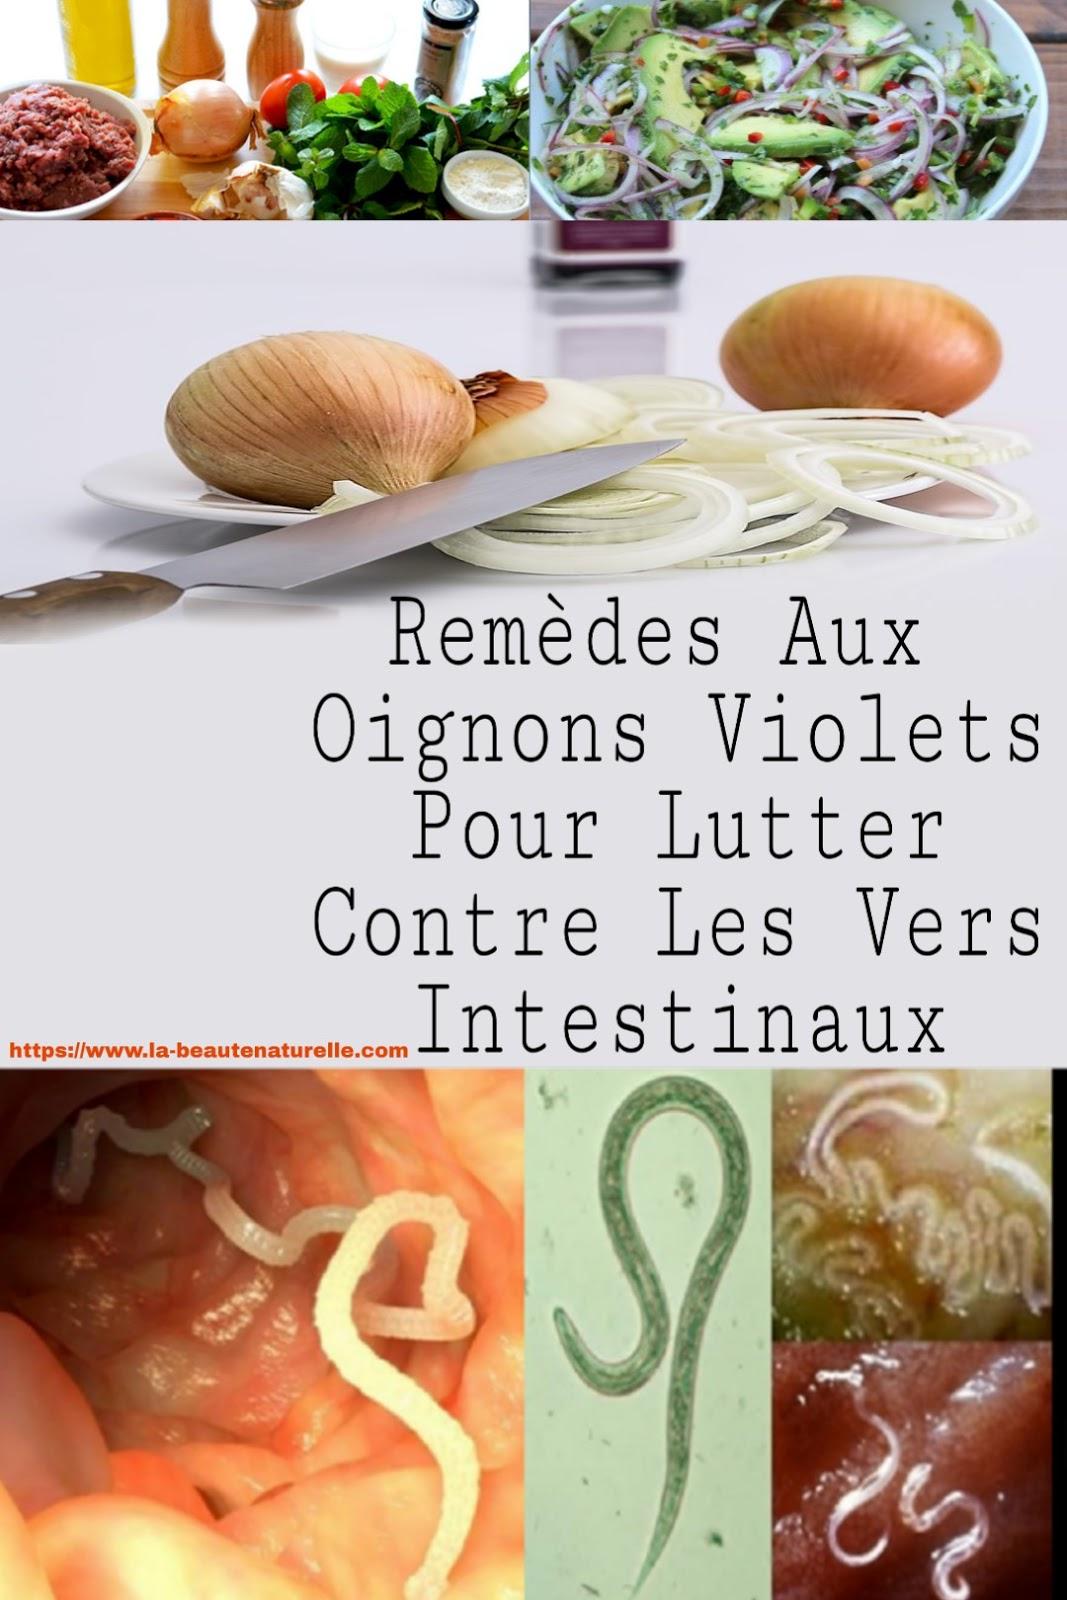 Remèdes Aux Oignons Violets Pour Lutter Contre Les Vers Intestinaux